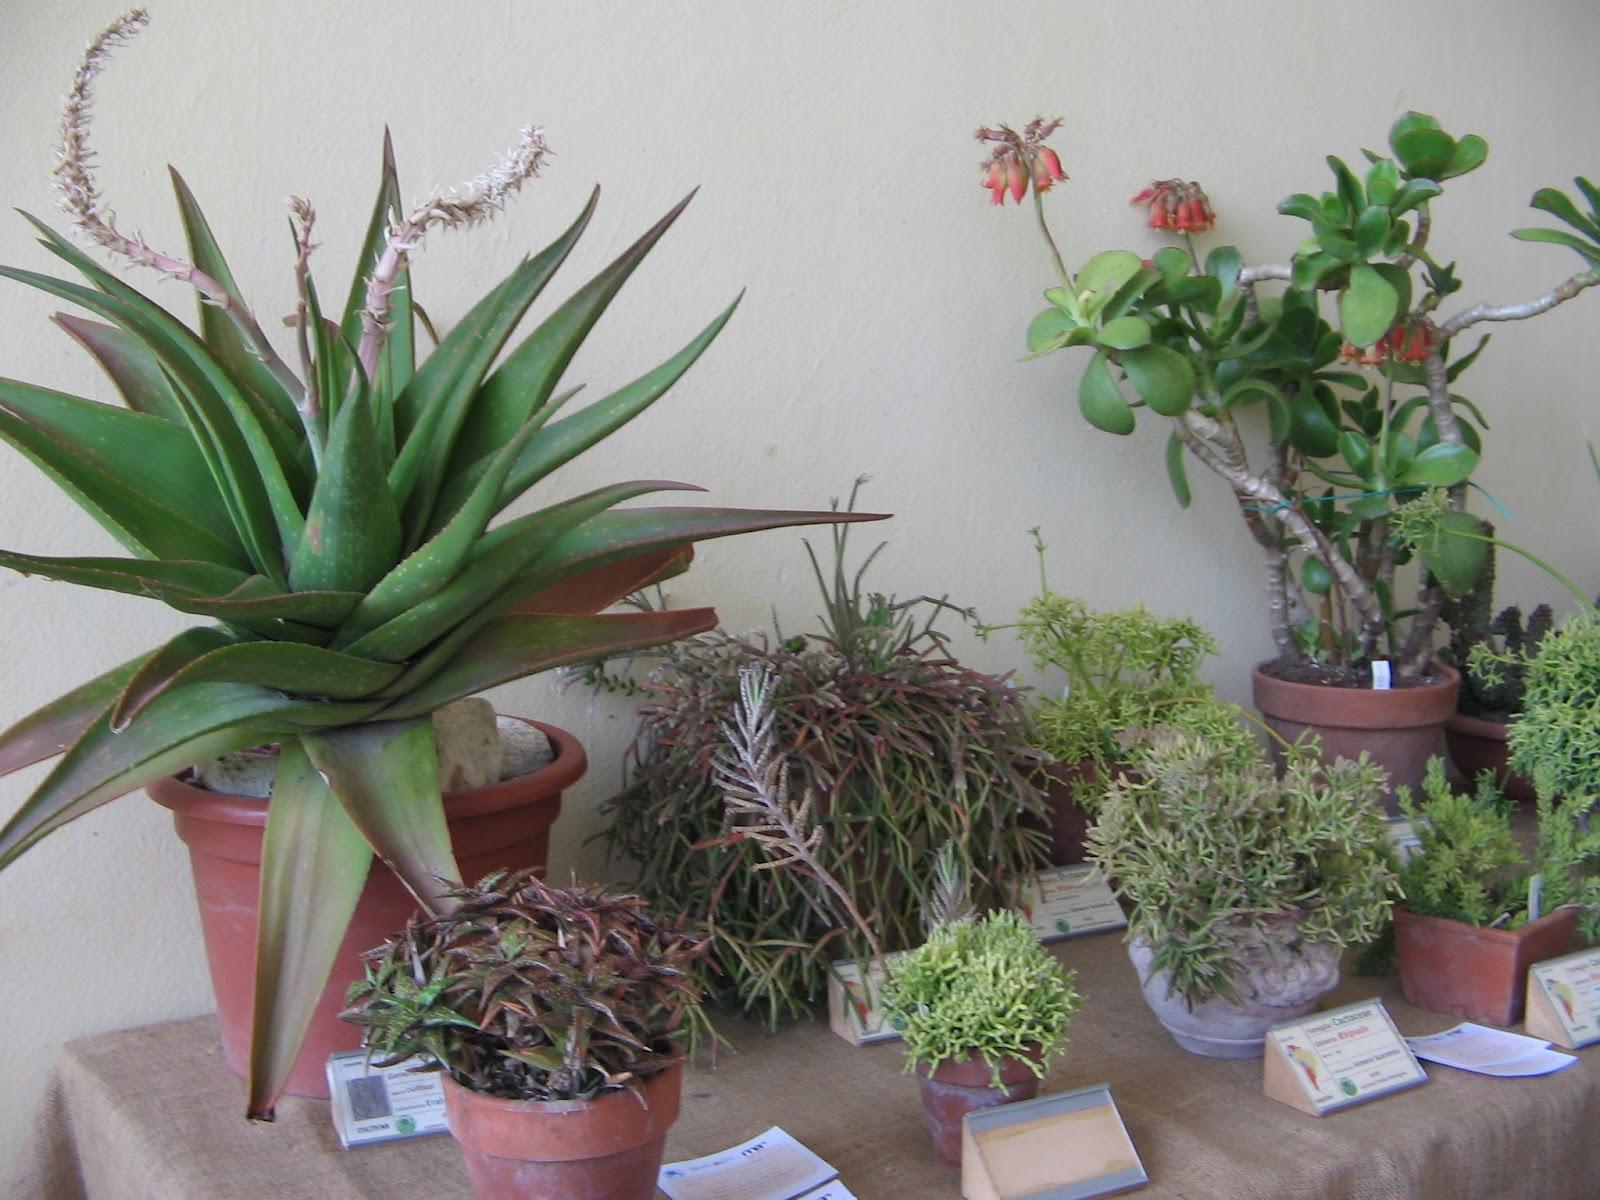 Living ravenna visita alla mostra di piante grasse al mar for Piante rare